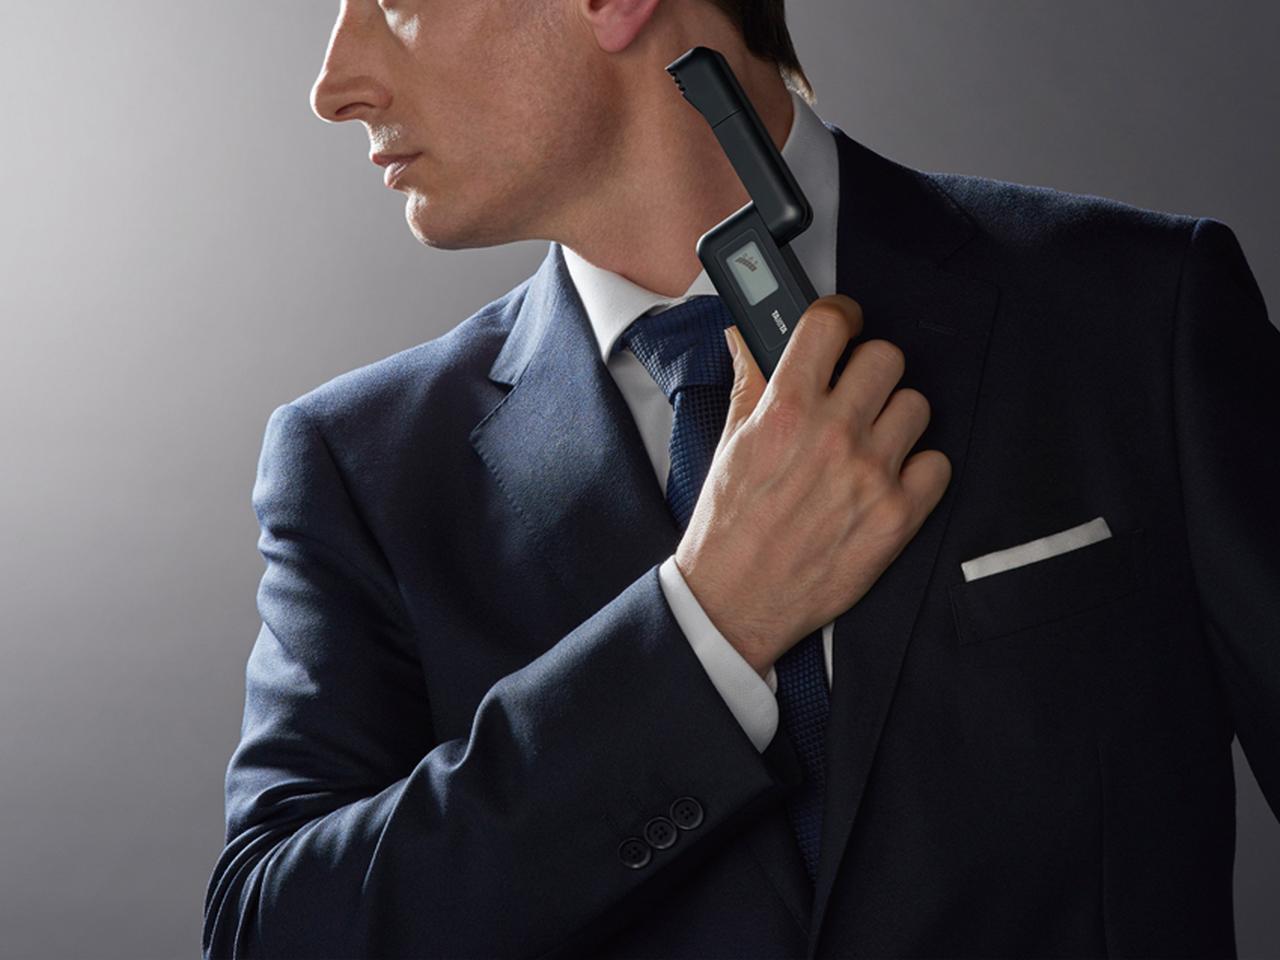 画像: センサー部分を開いて、体臭が気になる部位に約10秒間近づけるだけで判定される。